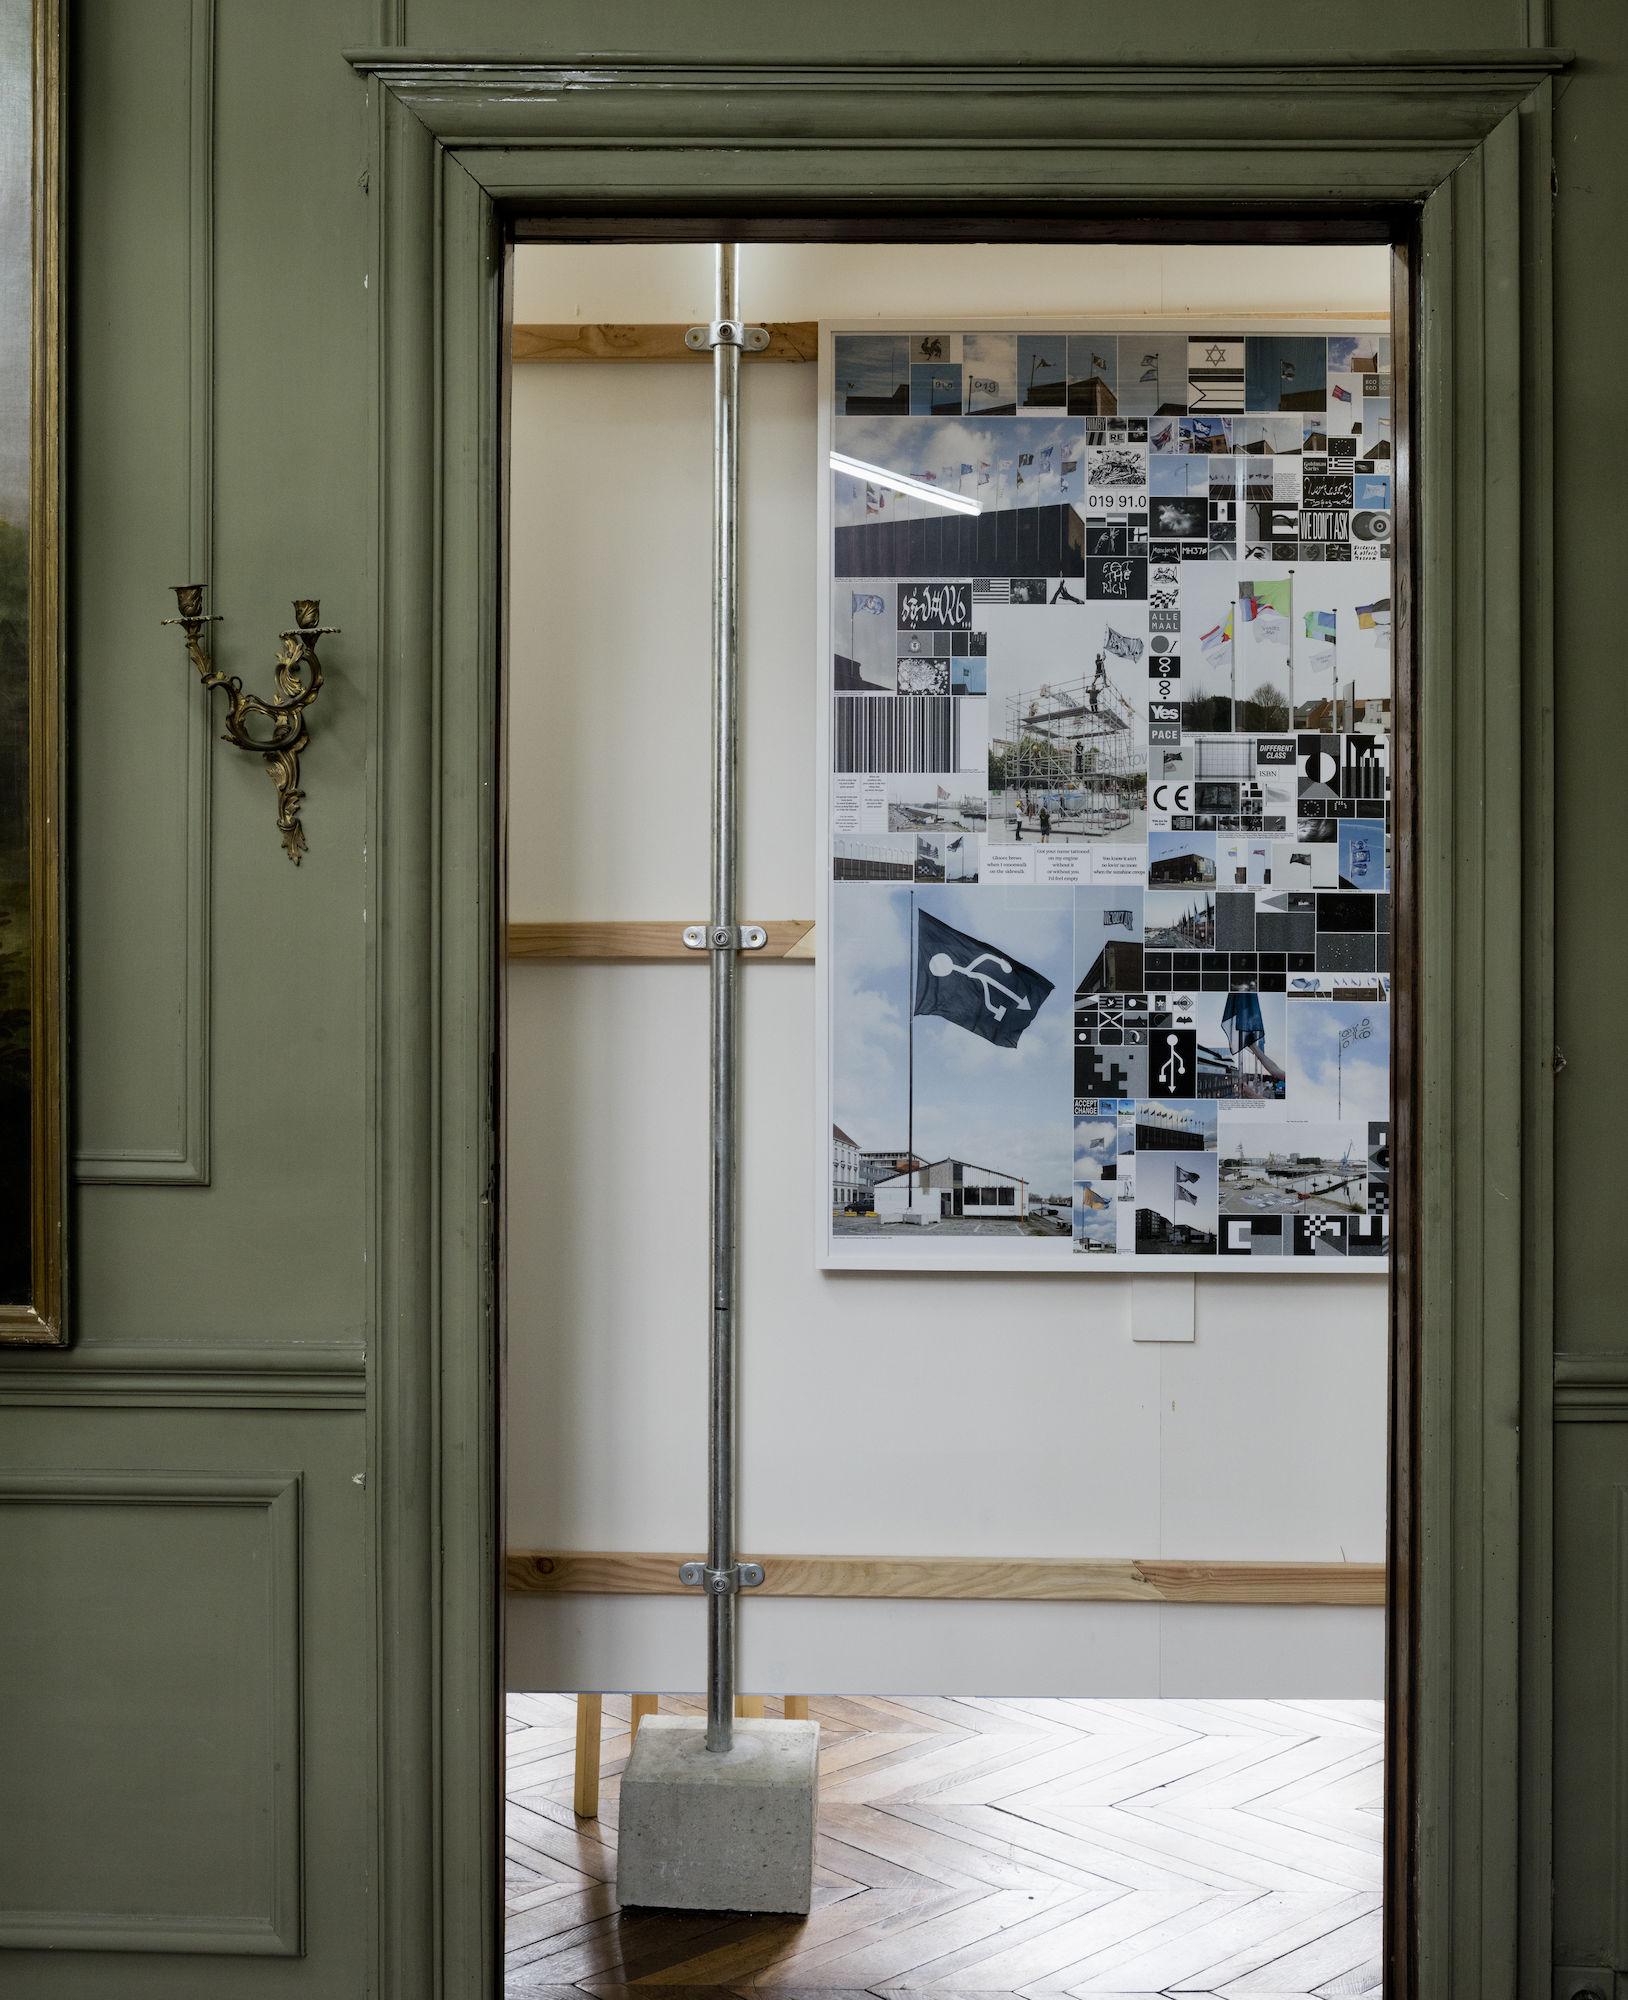 019 - Karel Martens - Motion